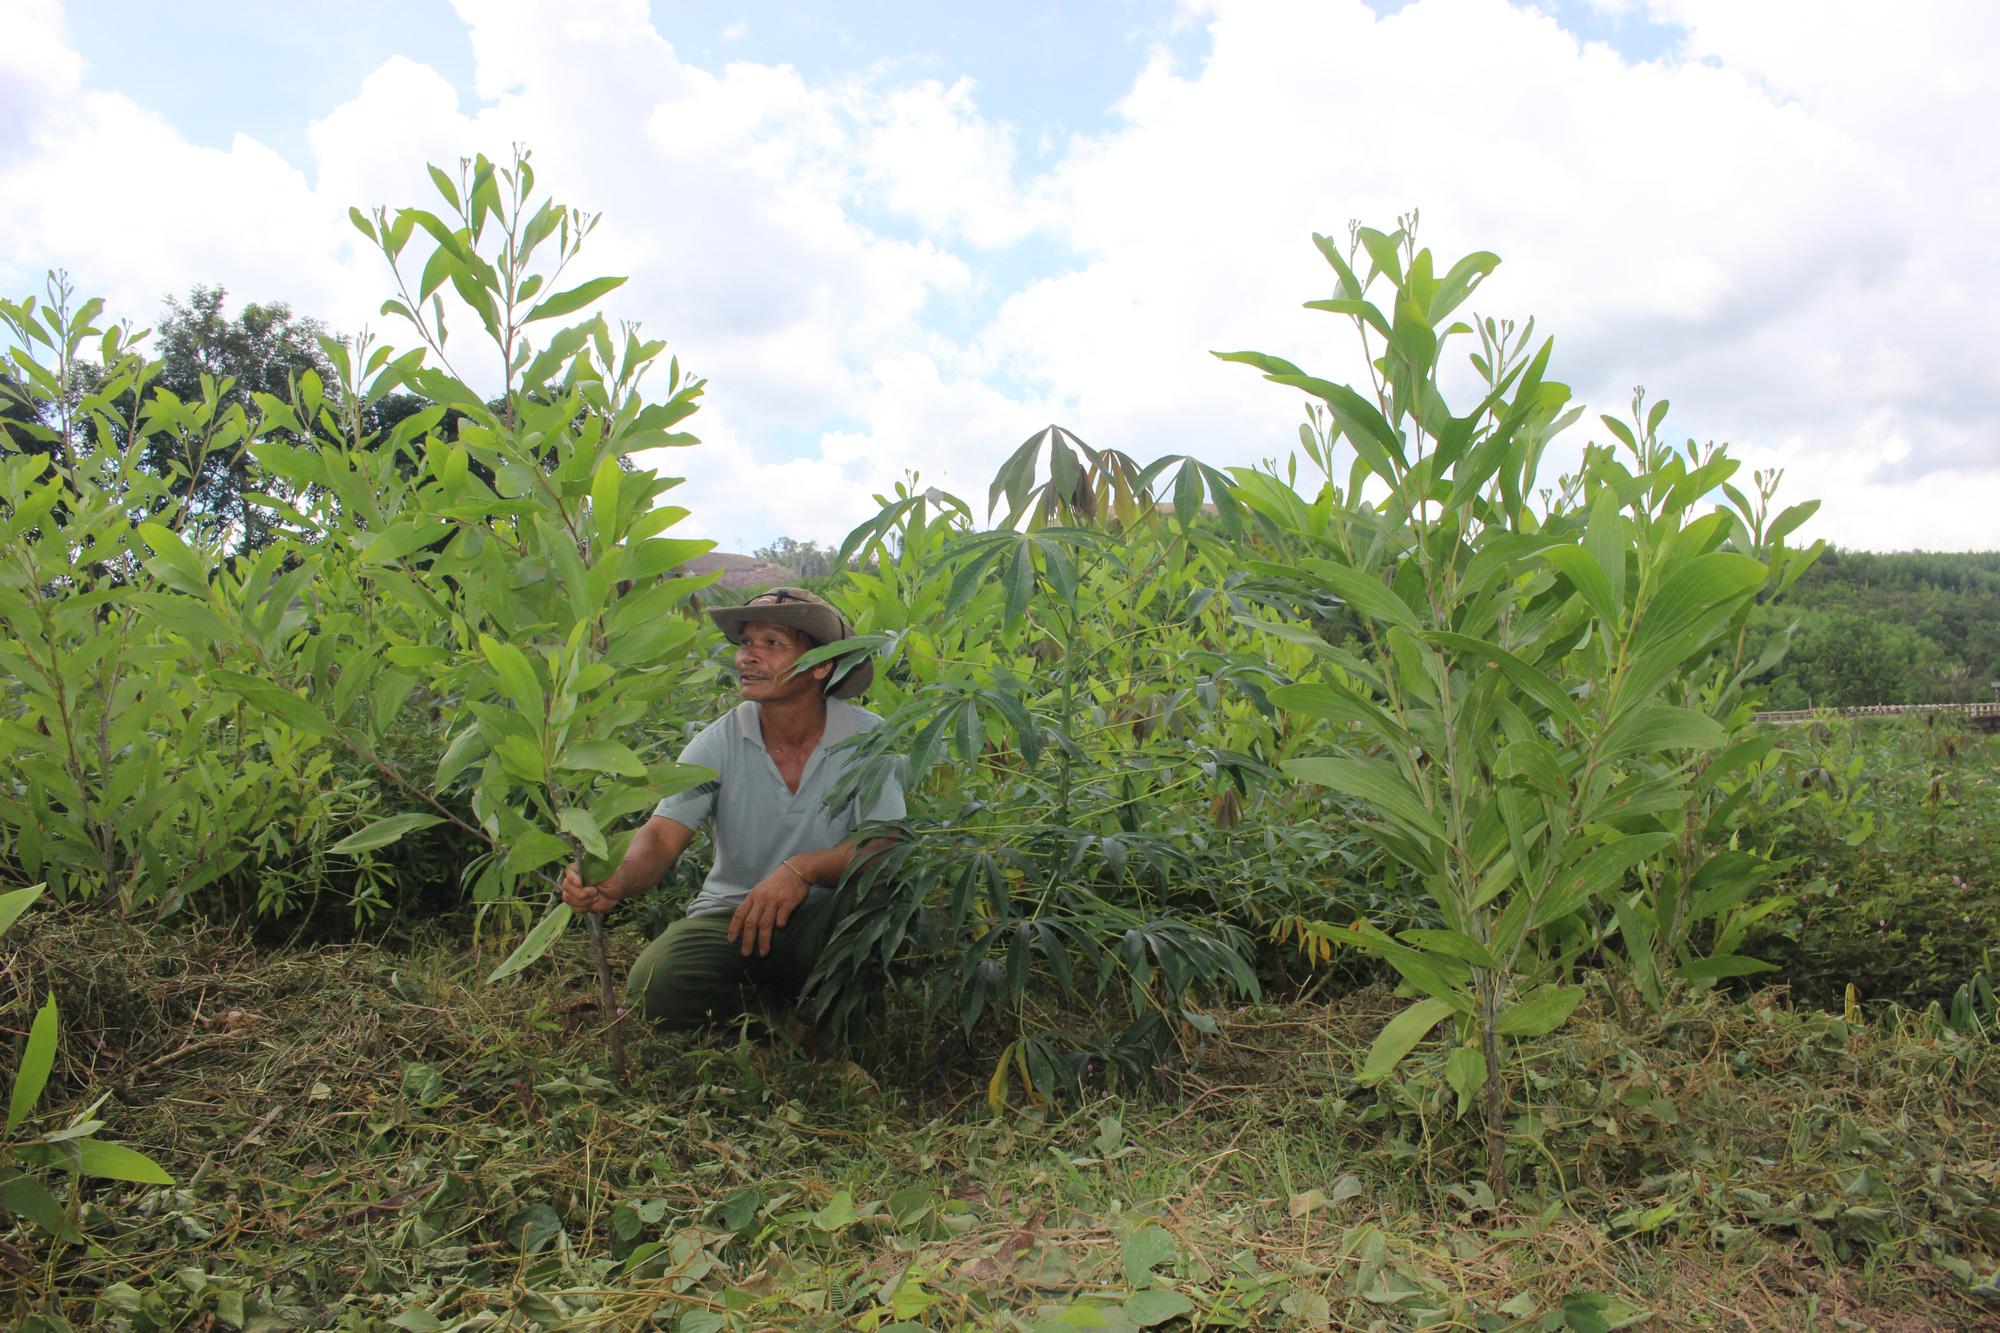 Người dân chăm sóc rừng trồng theo Nghị định 75